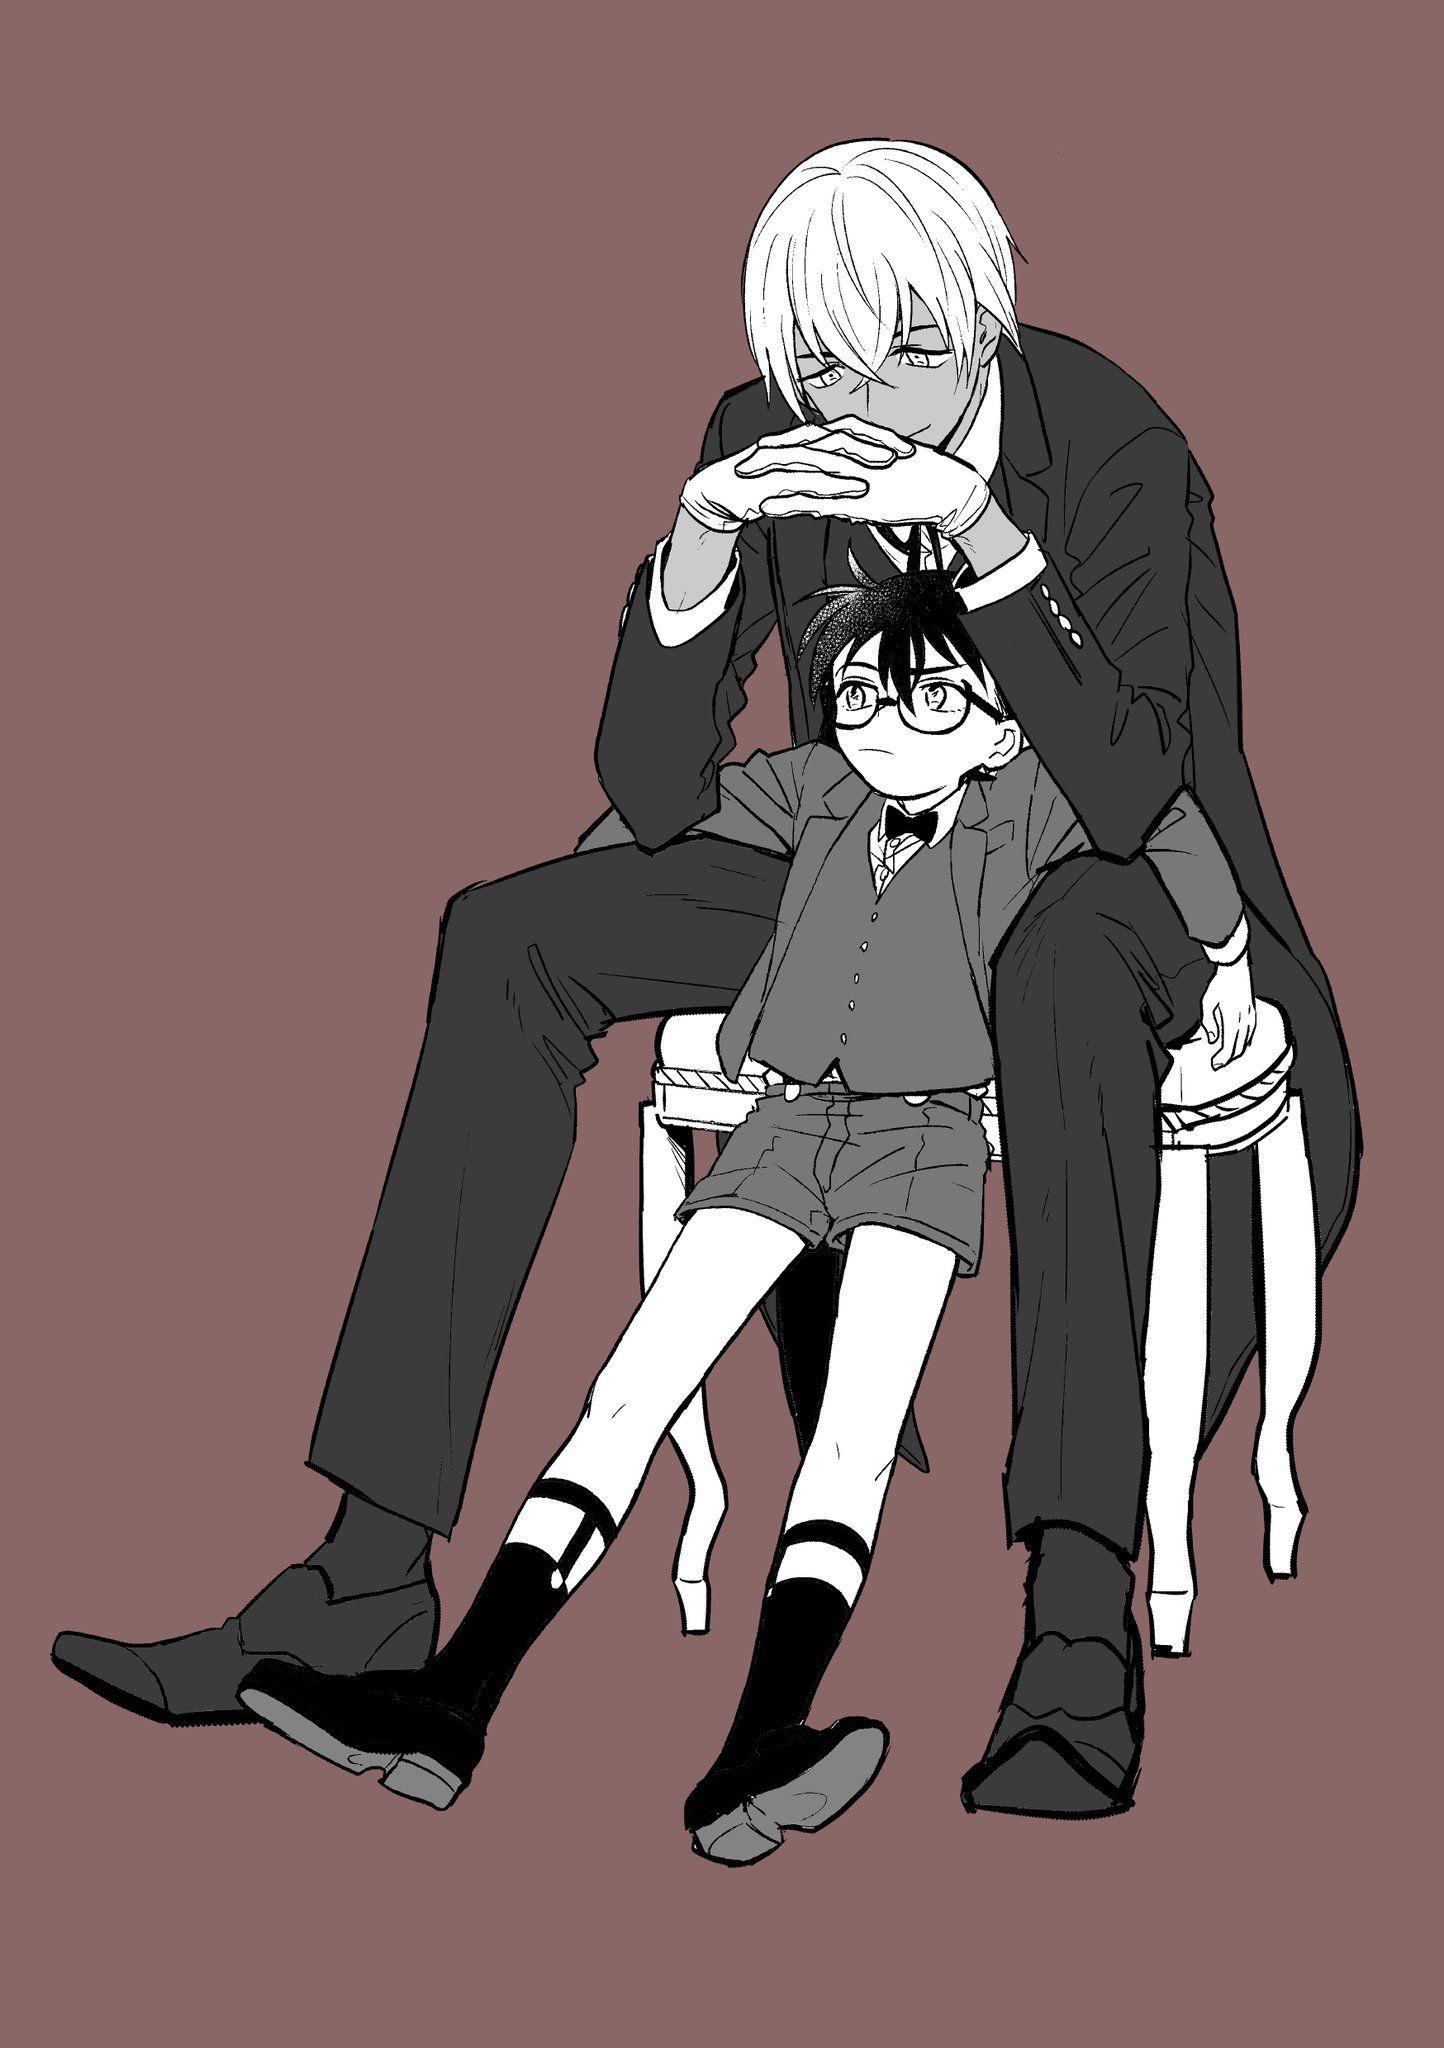 にく on in 2020 (With images) Detective conan, Anime